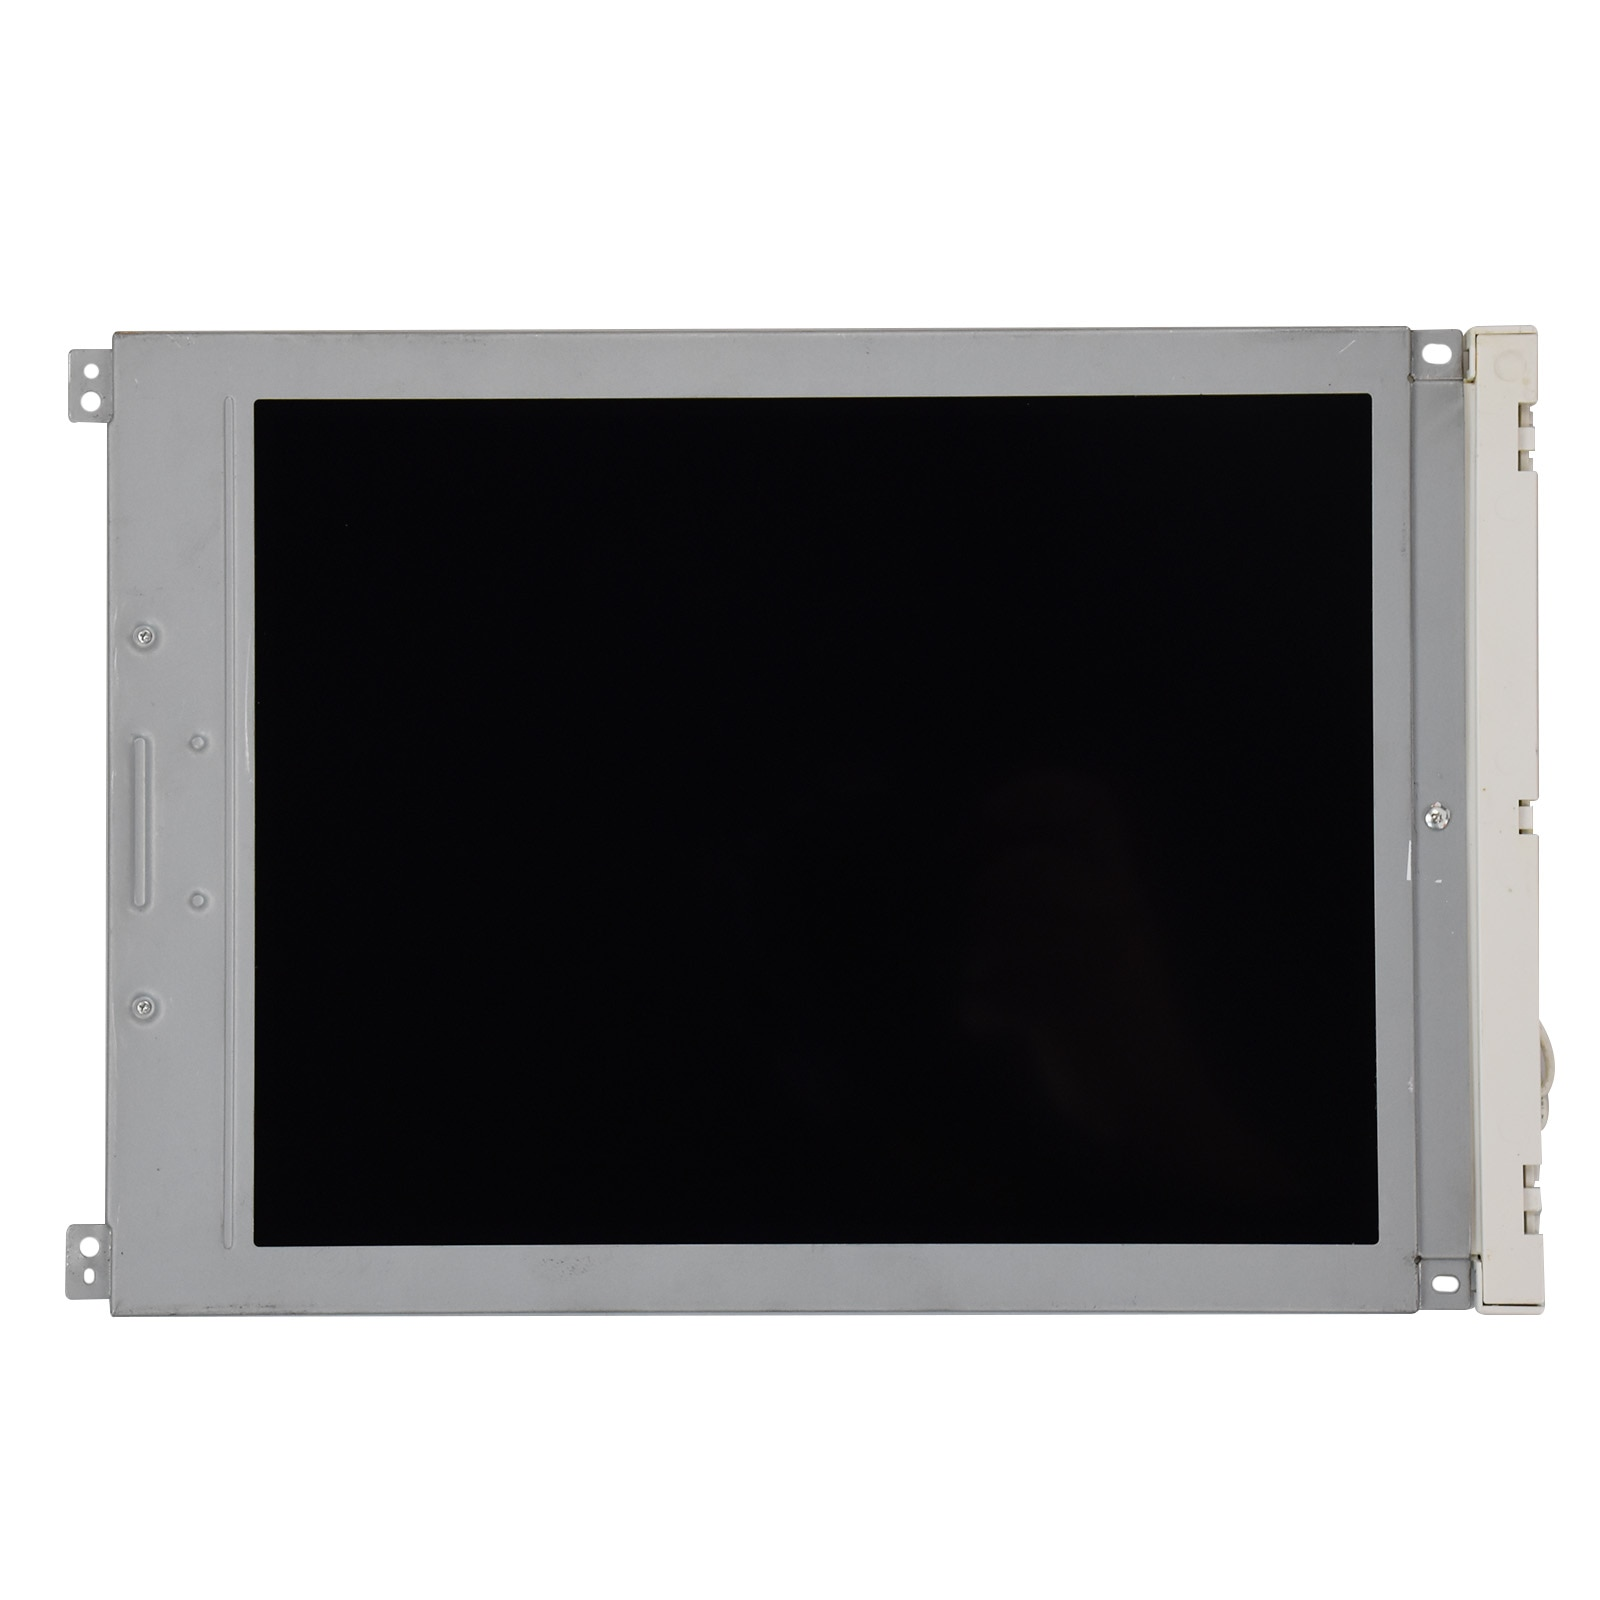 9.4 بوصة ل OPTREX F-51430NFU-FW-AA شاشة LCD لوحة العرض 640*480 15 pins